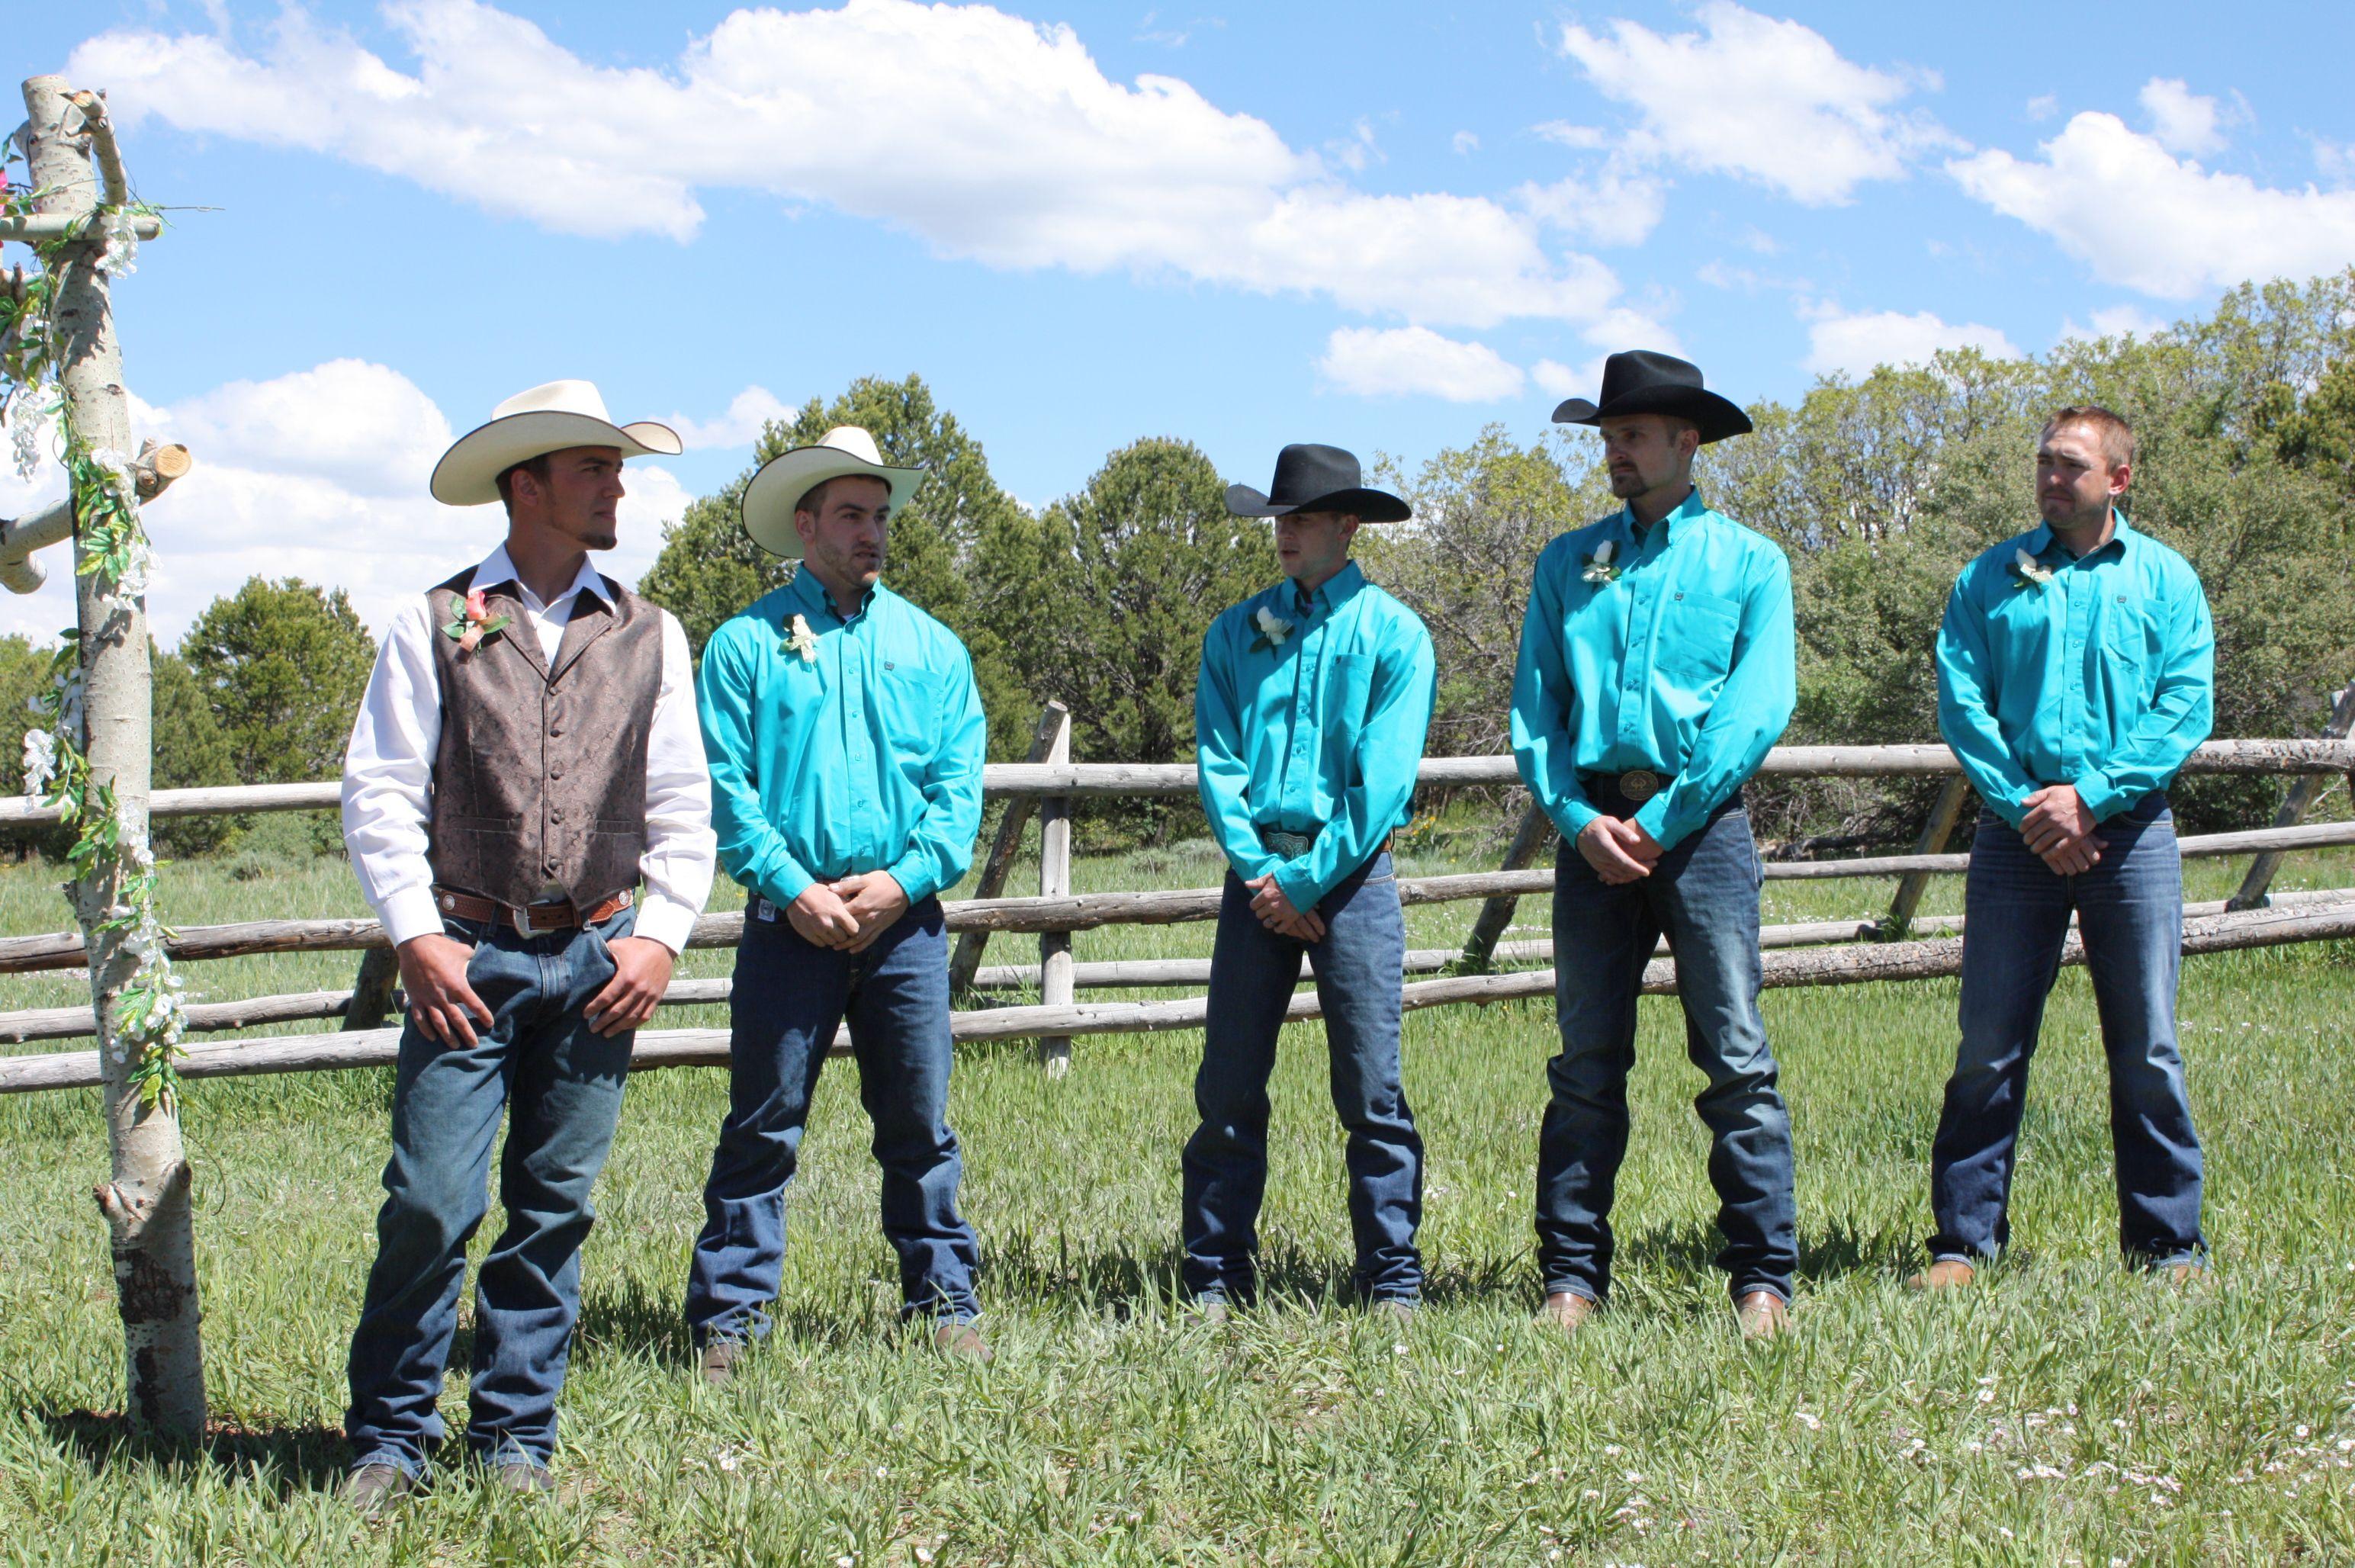 Cowboy Wedding Rustic Country Wedding Turquoise And Brown Country Groomsmen Cowboy Wedding Country Wedding Groomsmen